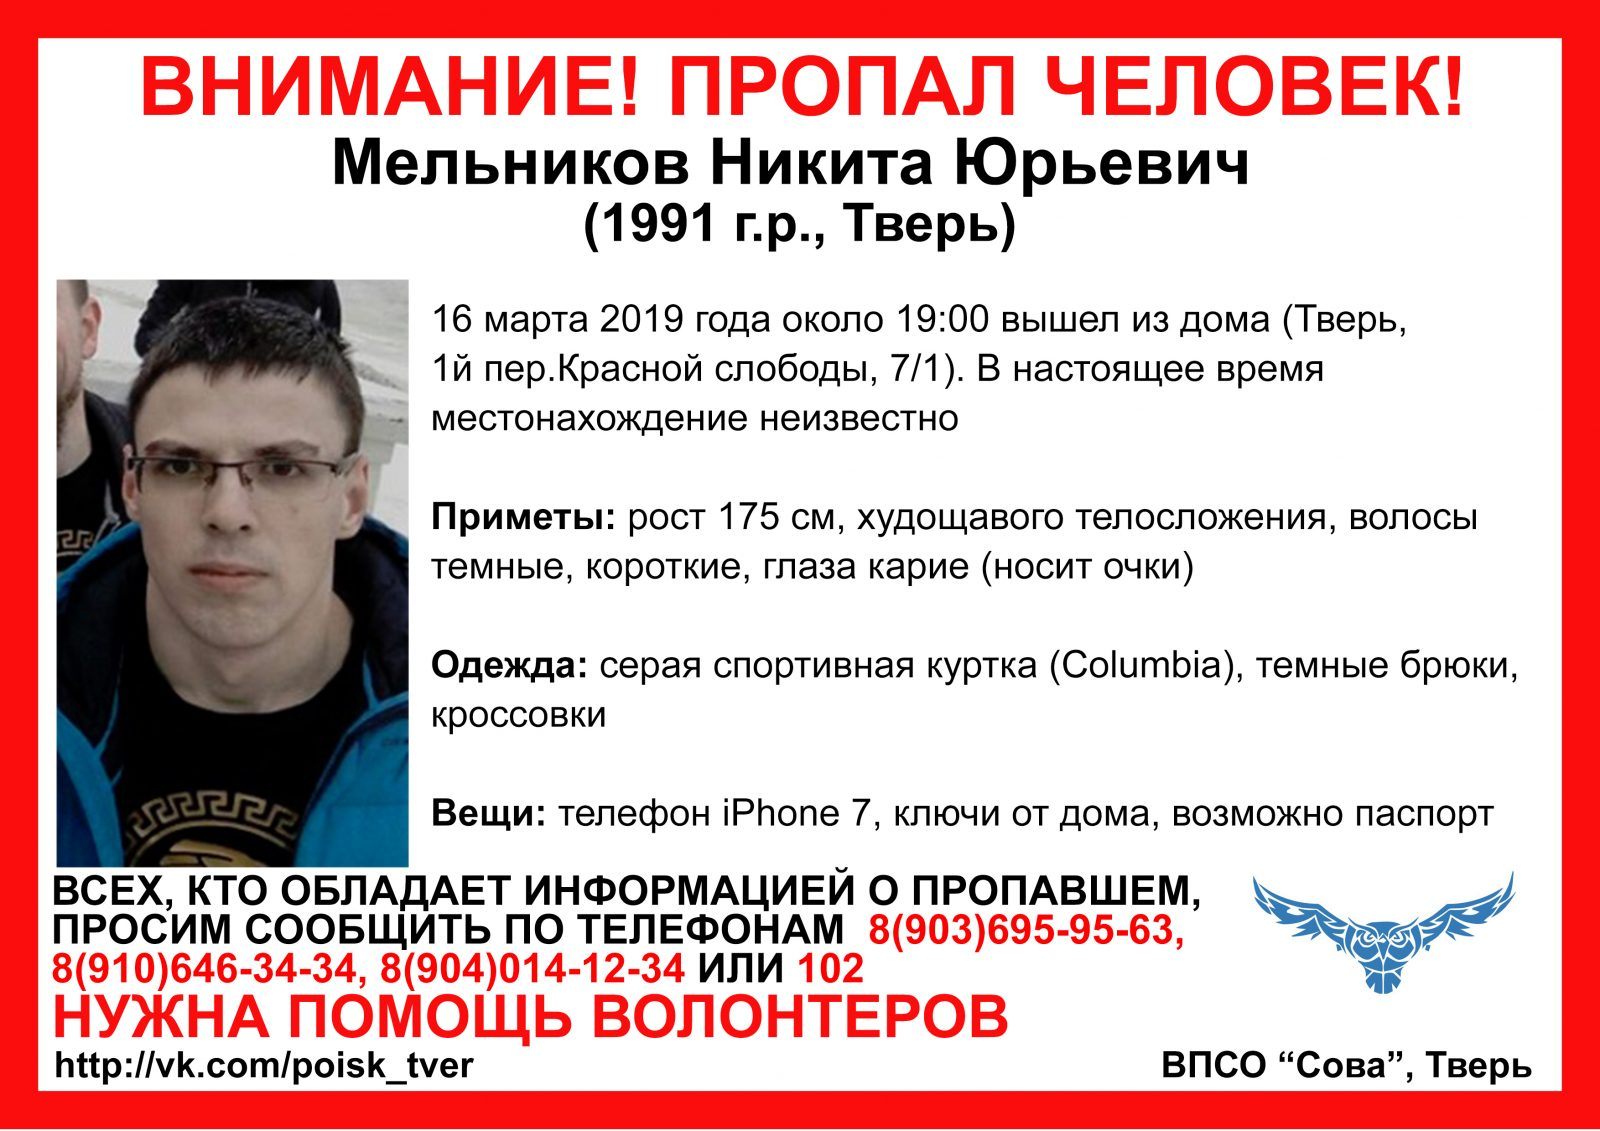 Пропал Мельников Никита Юрьевич (1991 г.р.)